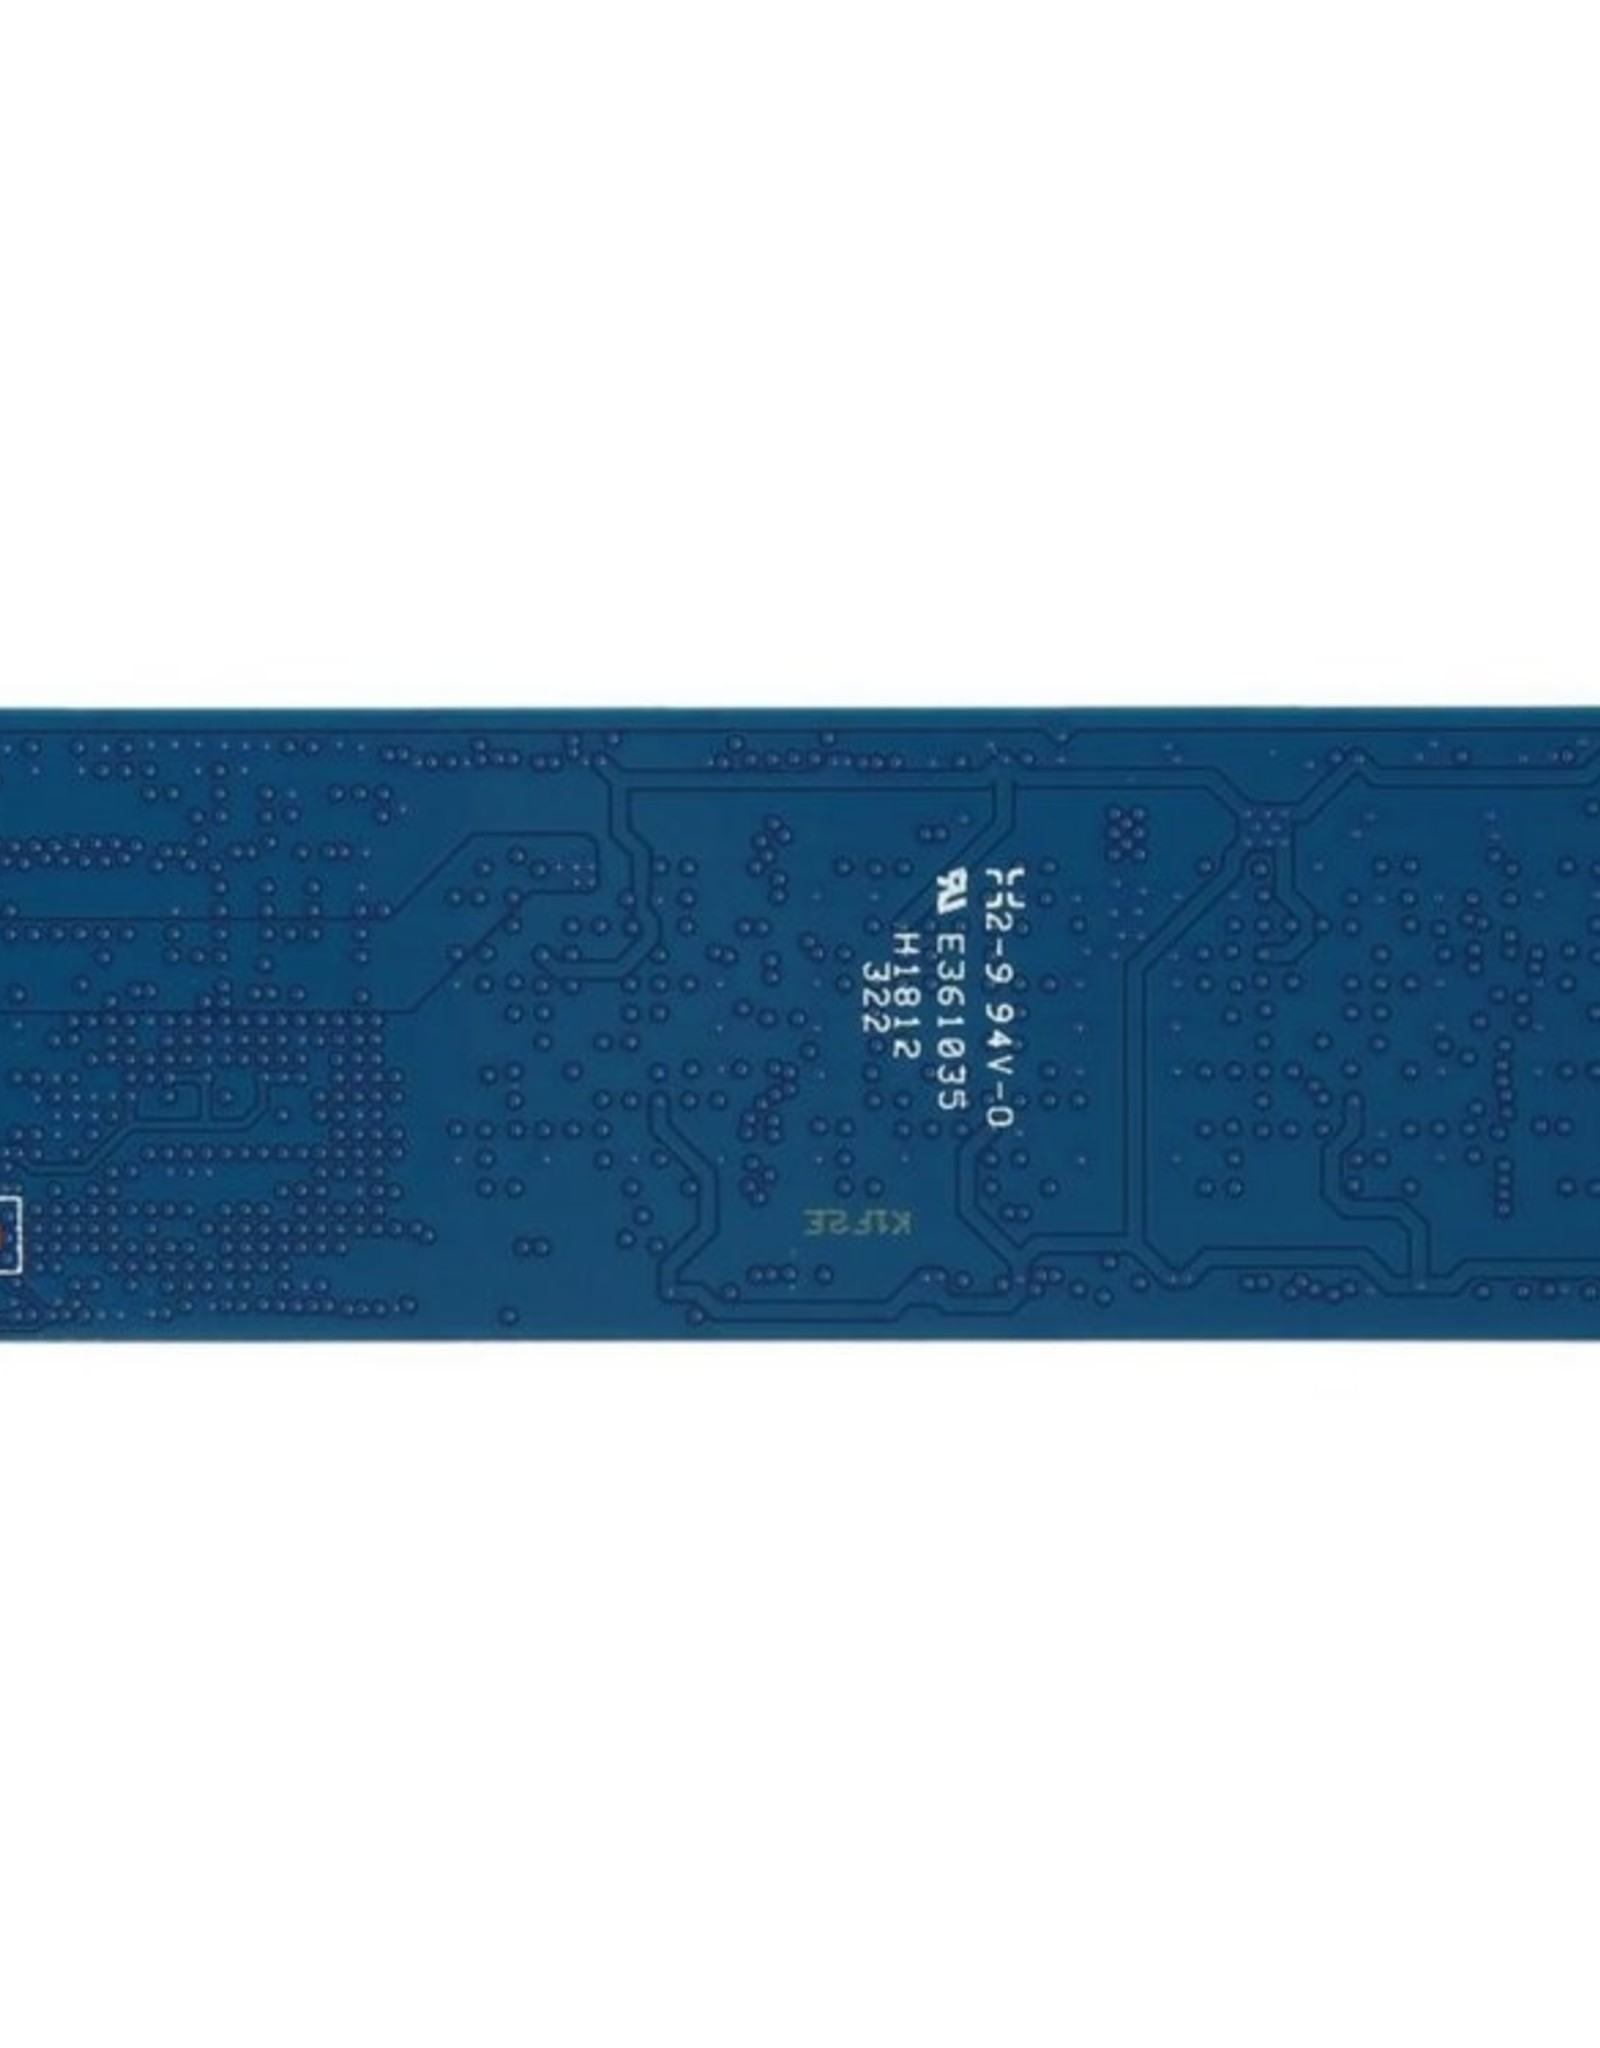 SSD UV500 M.2 480GB TLC 520MB/s read 320/MB/s